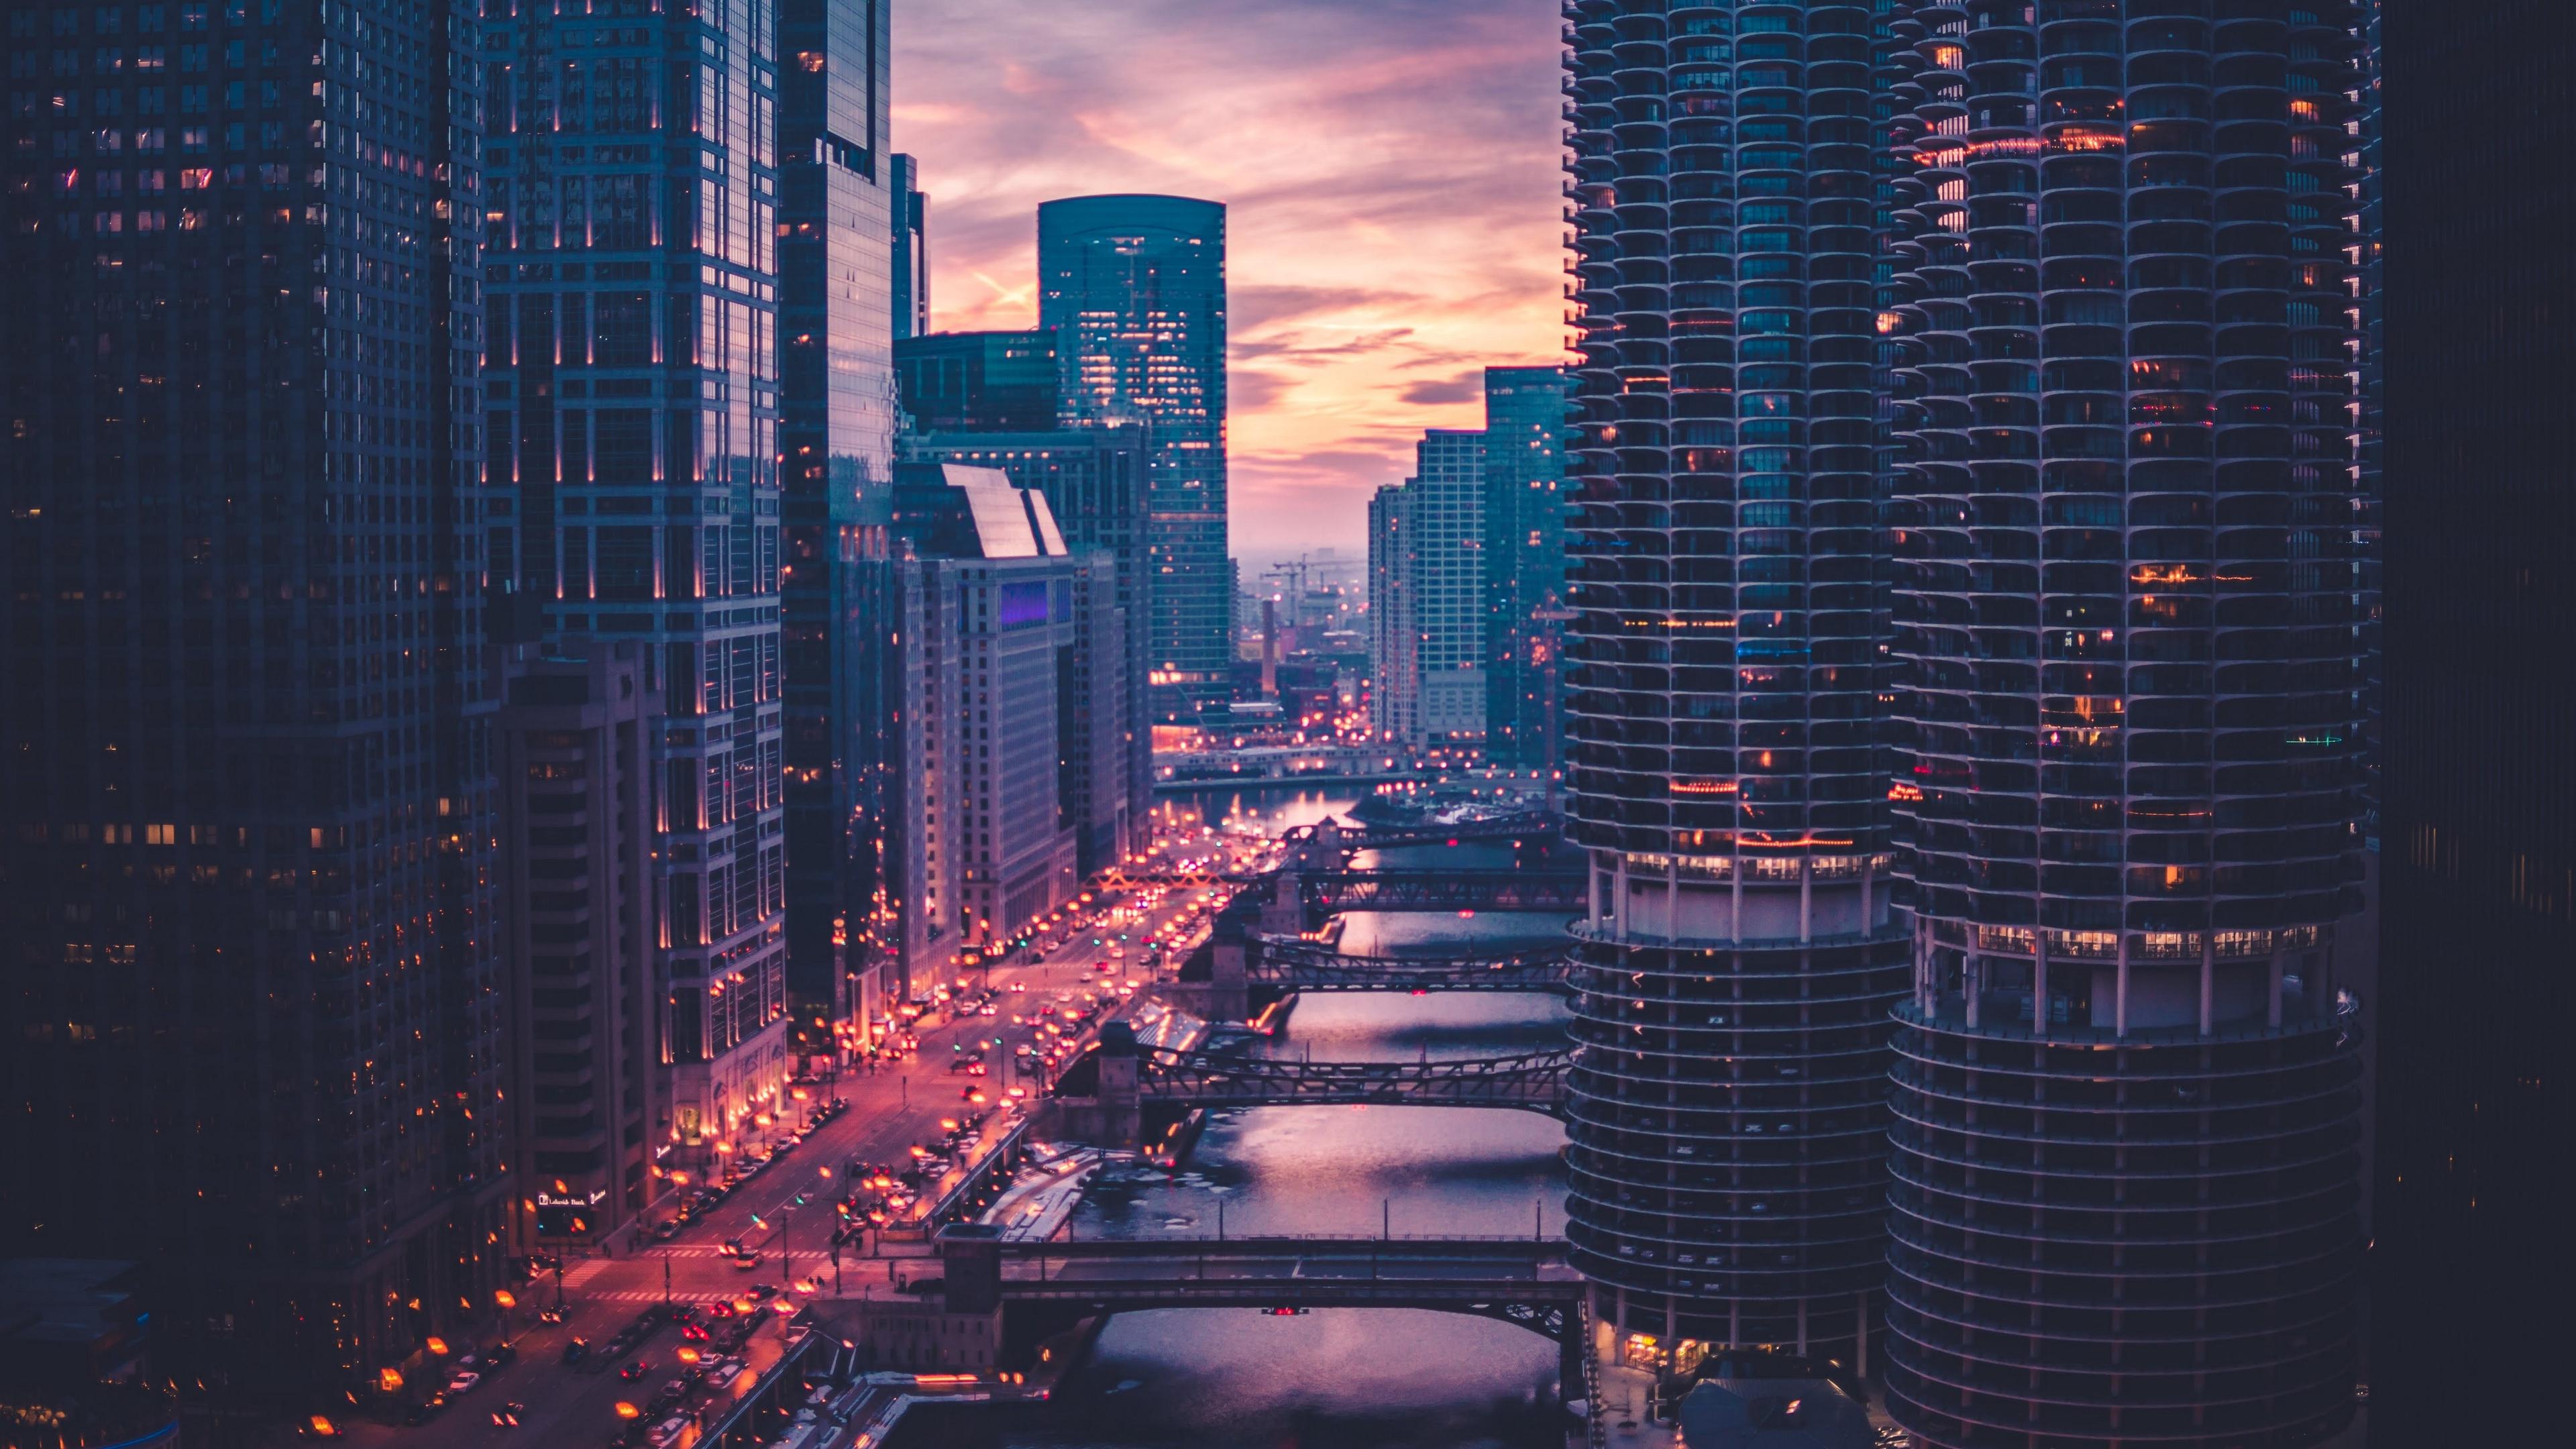 chicago skyscrapers bridges evening 4k 1538066307 - chicago, skyscrapers, bridges, evening 4k - Skyscrapers, Chicago, bridges